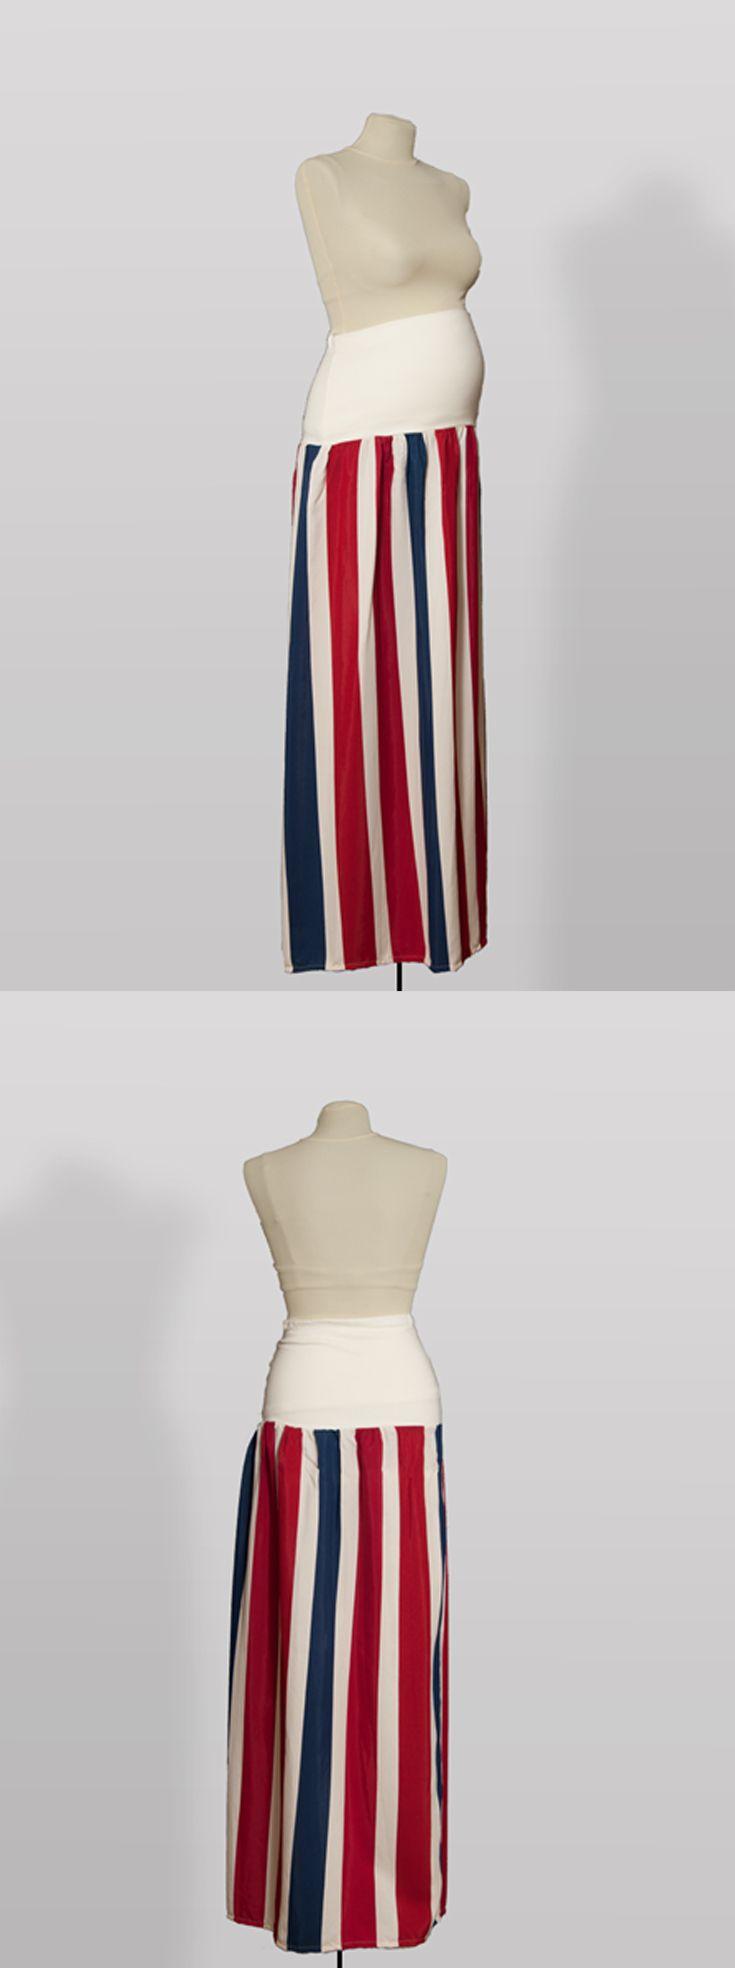 SK001 – Dlouhá sukně Trikolora  Těhotenská sukně z bavlněné látky s pružným pásem Sukni je možné nosit i jako šaty bez ramínek Pružný pás pro zvětšující se bříško Pás je možné nosit přes bříško nebo ohnutý Sukni je možné nosit i po těhotenství